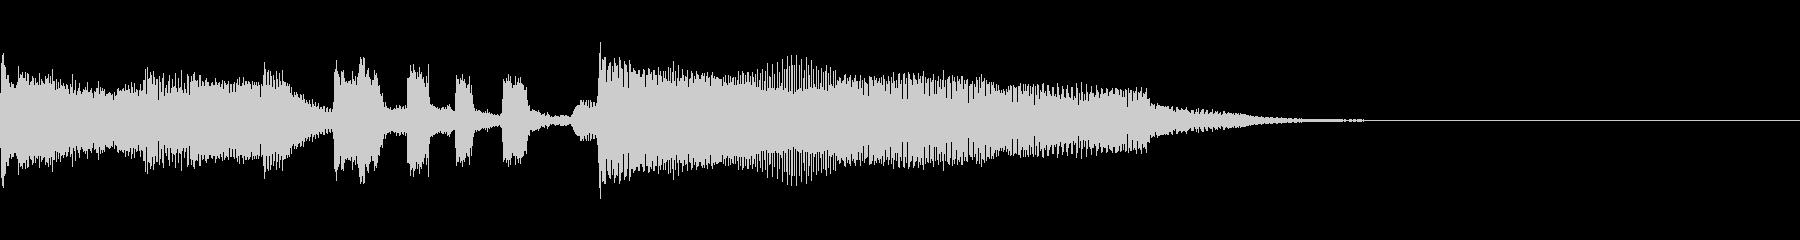 情報番組のオープニングをイメージした曲の未再生の波形